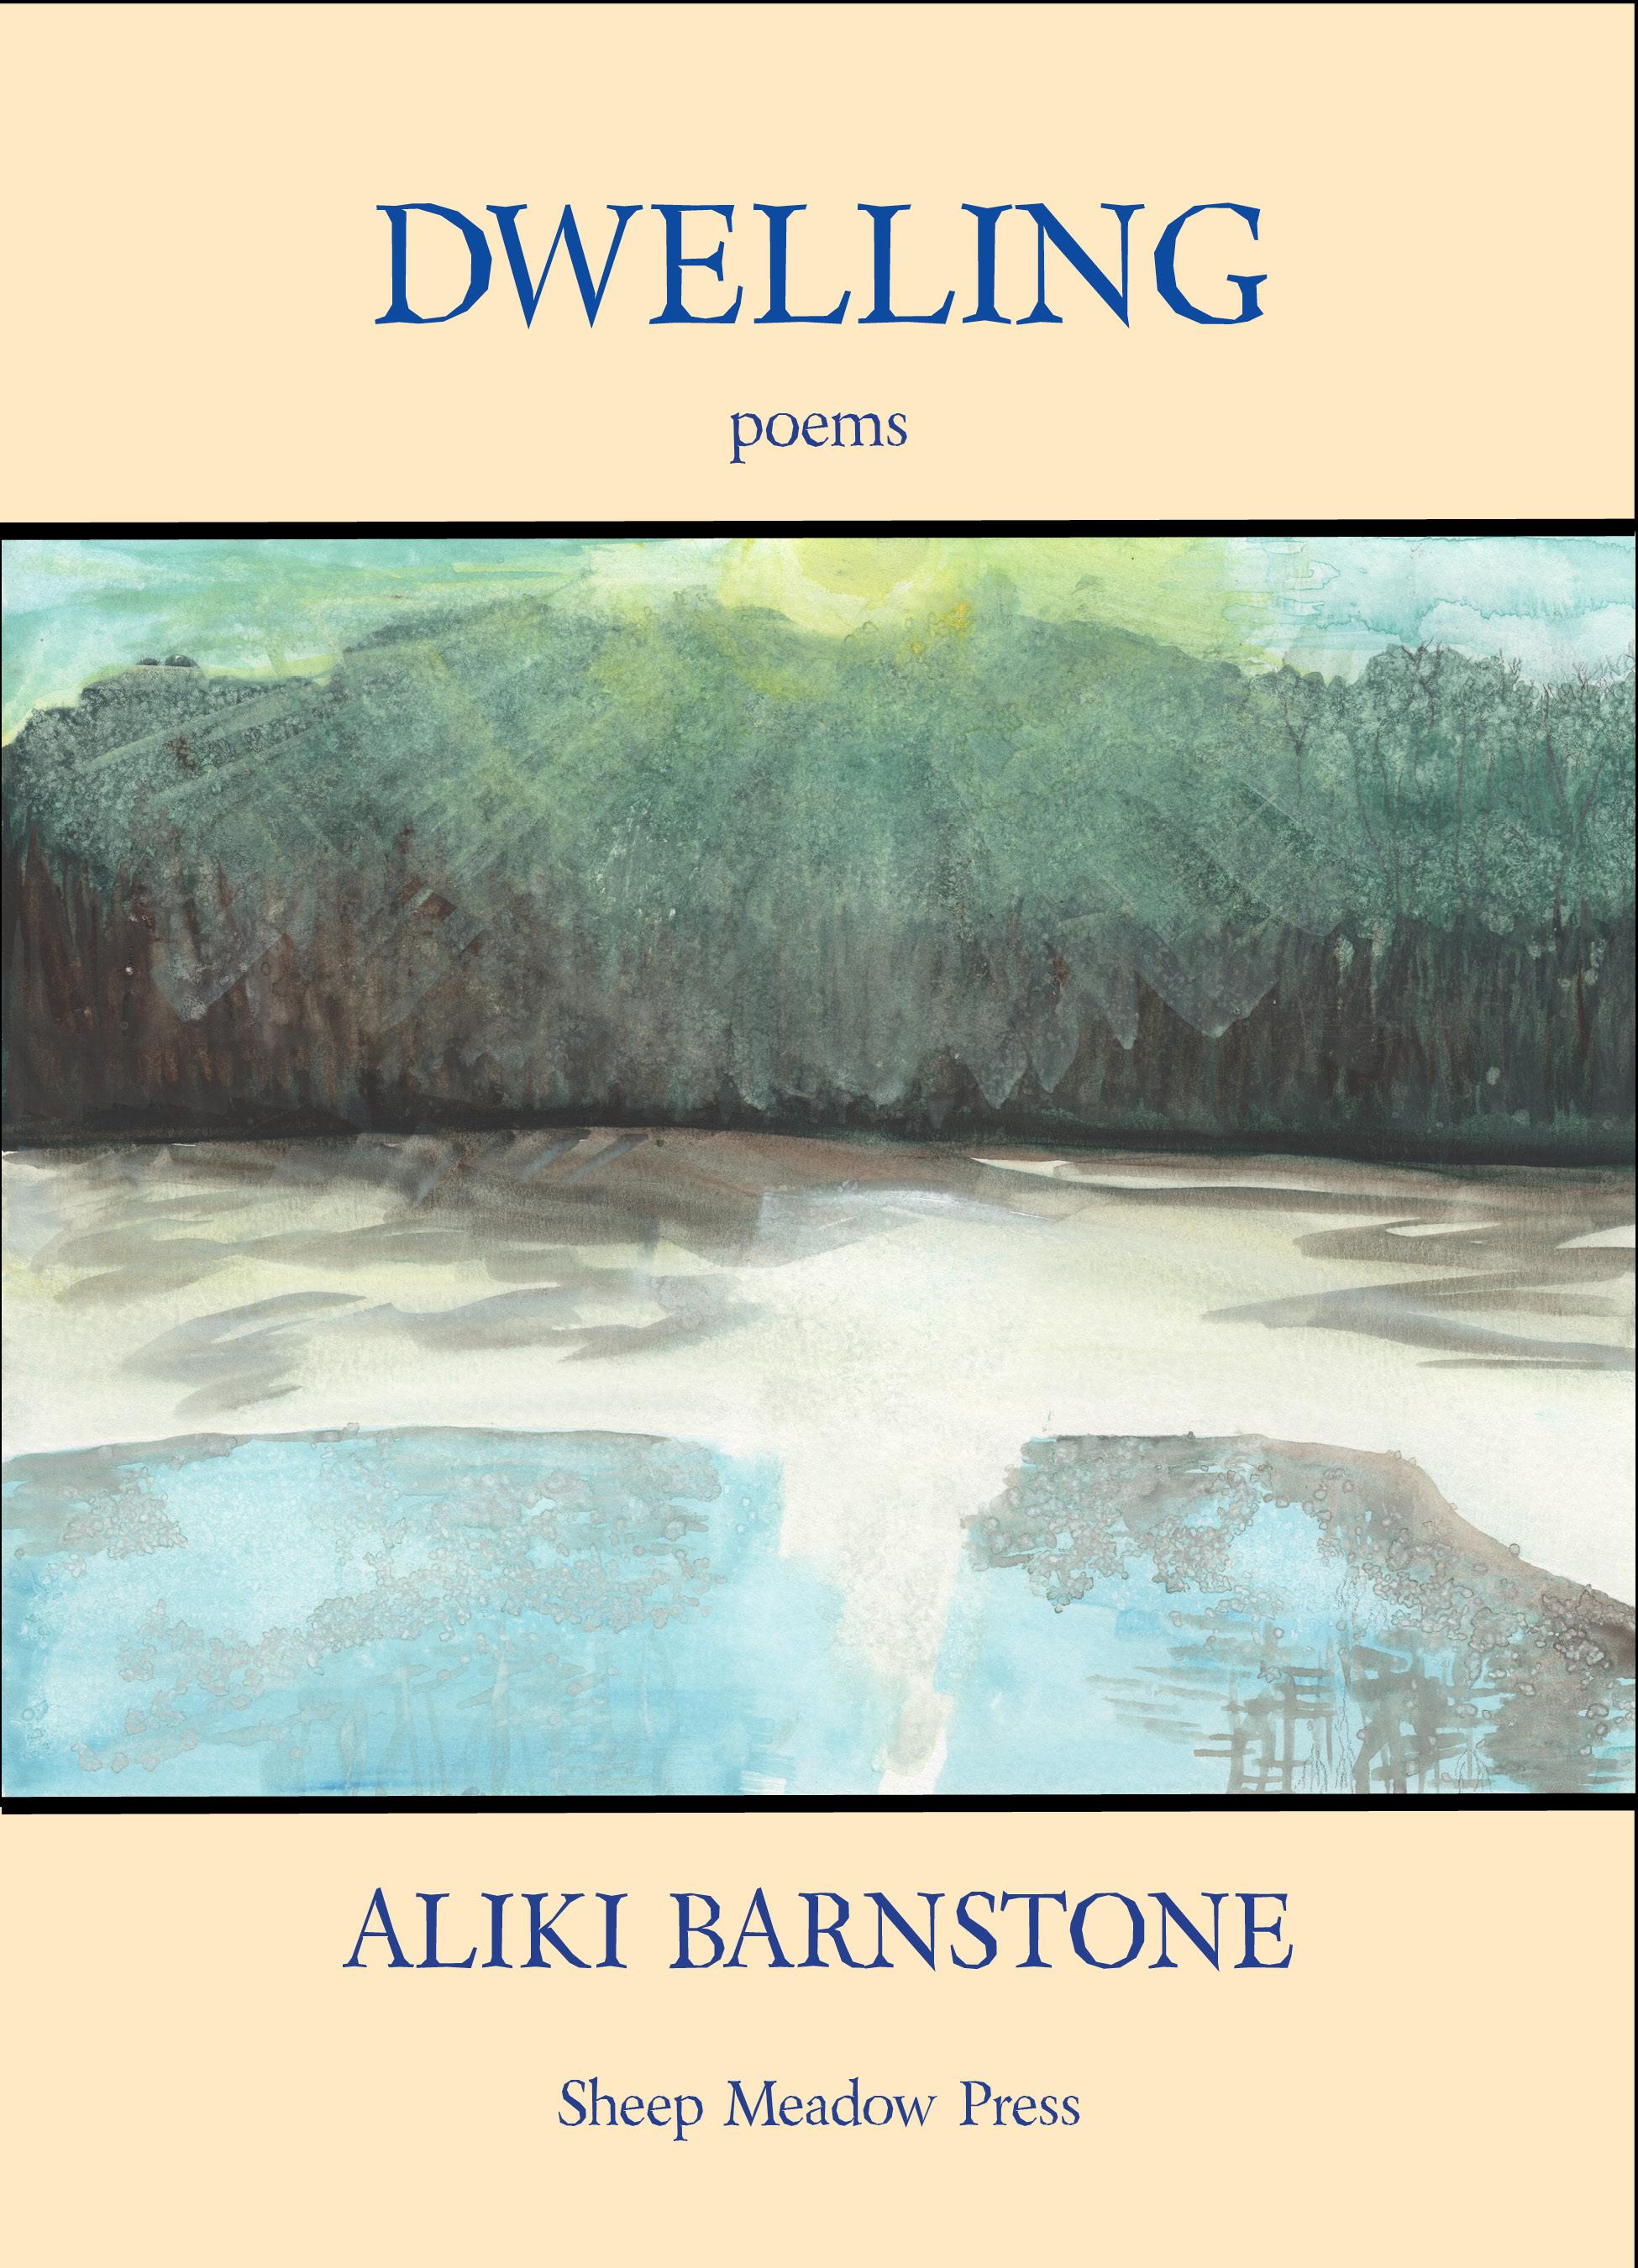 Aliki Barnstone Cover.jpg